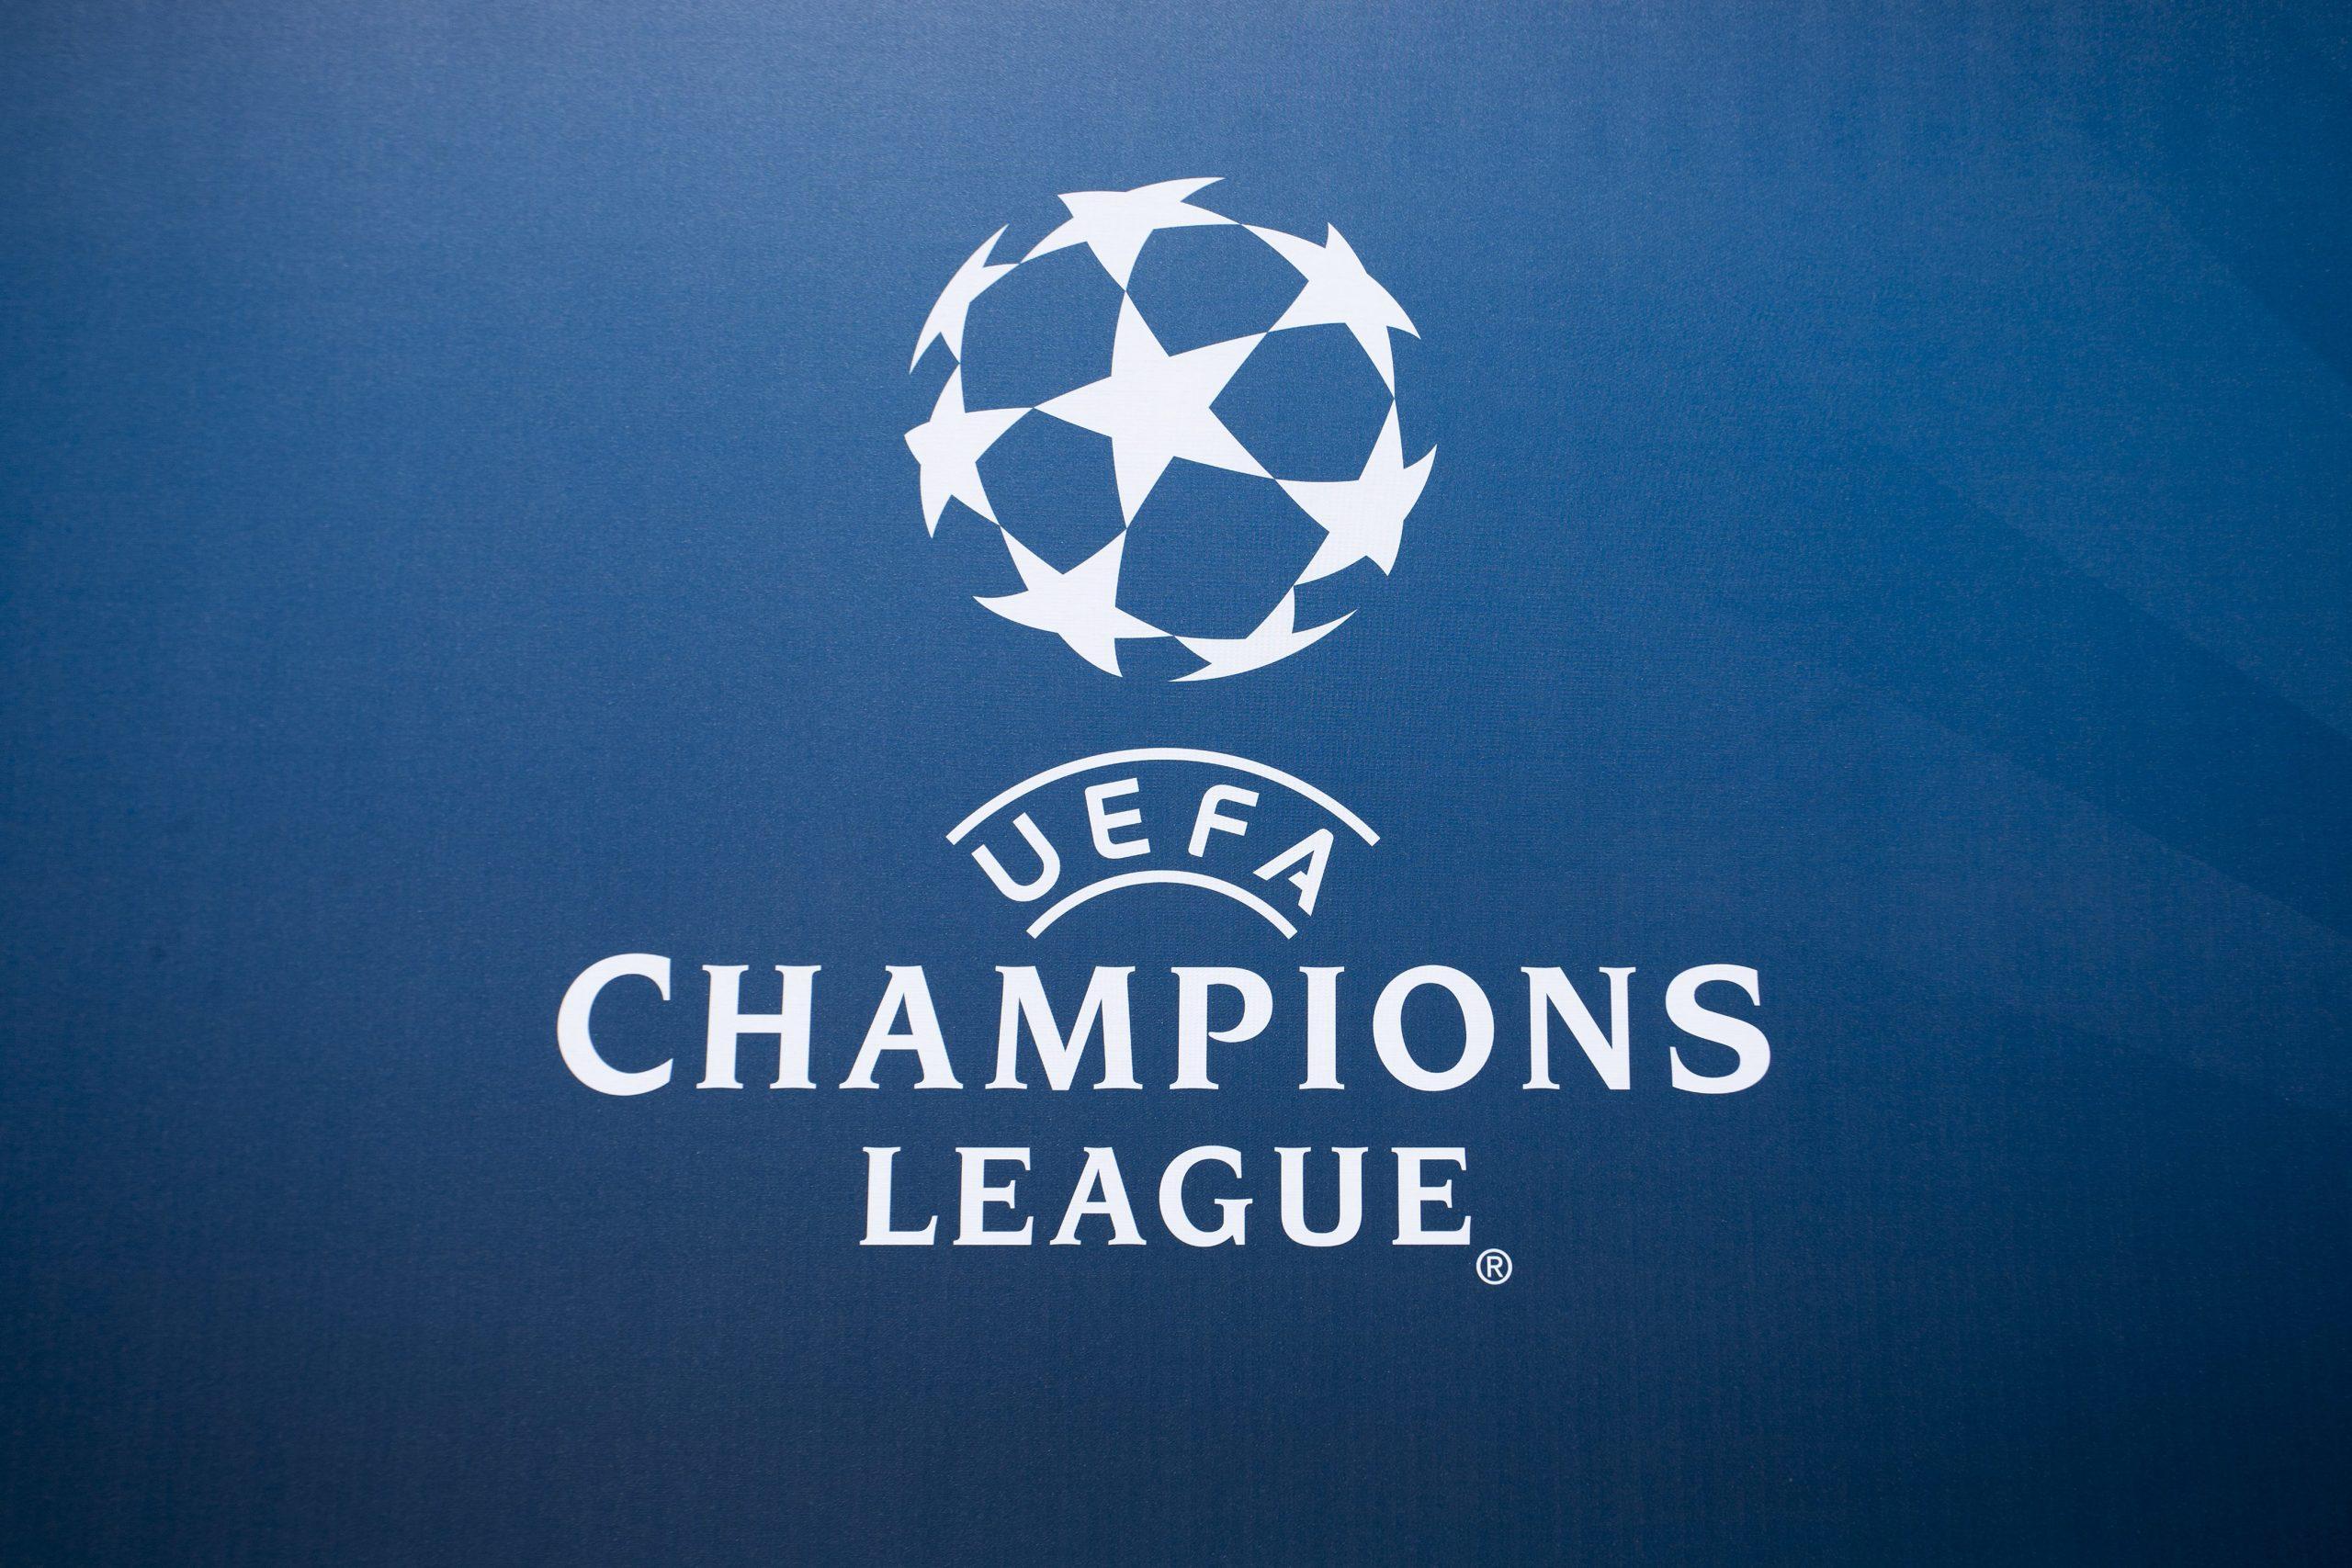 LDC - Navas, Mbappé et Neymar nominés pour le titre de meilleur joueur à leur poste